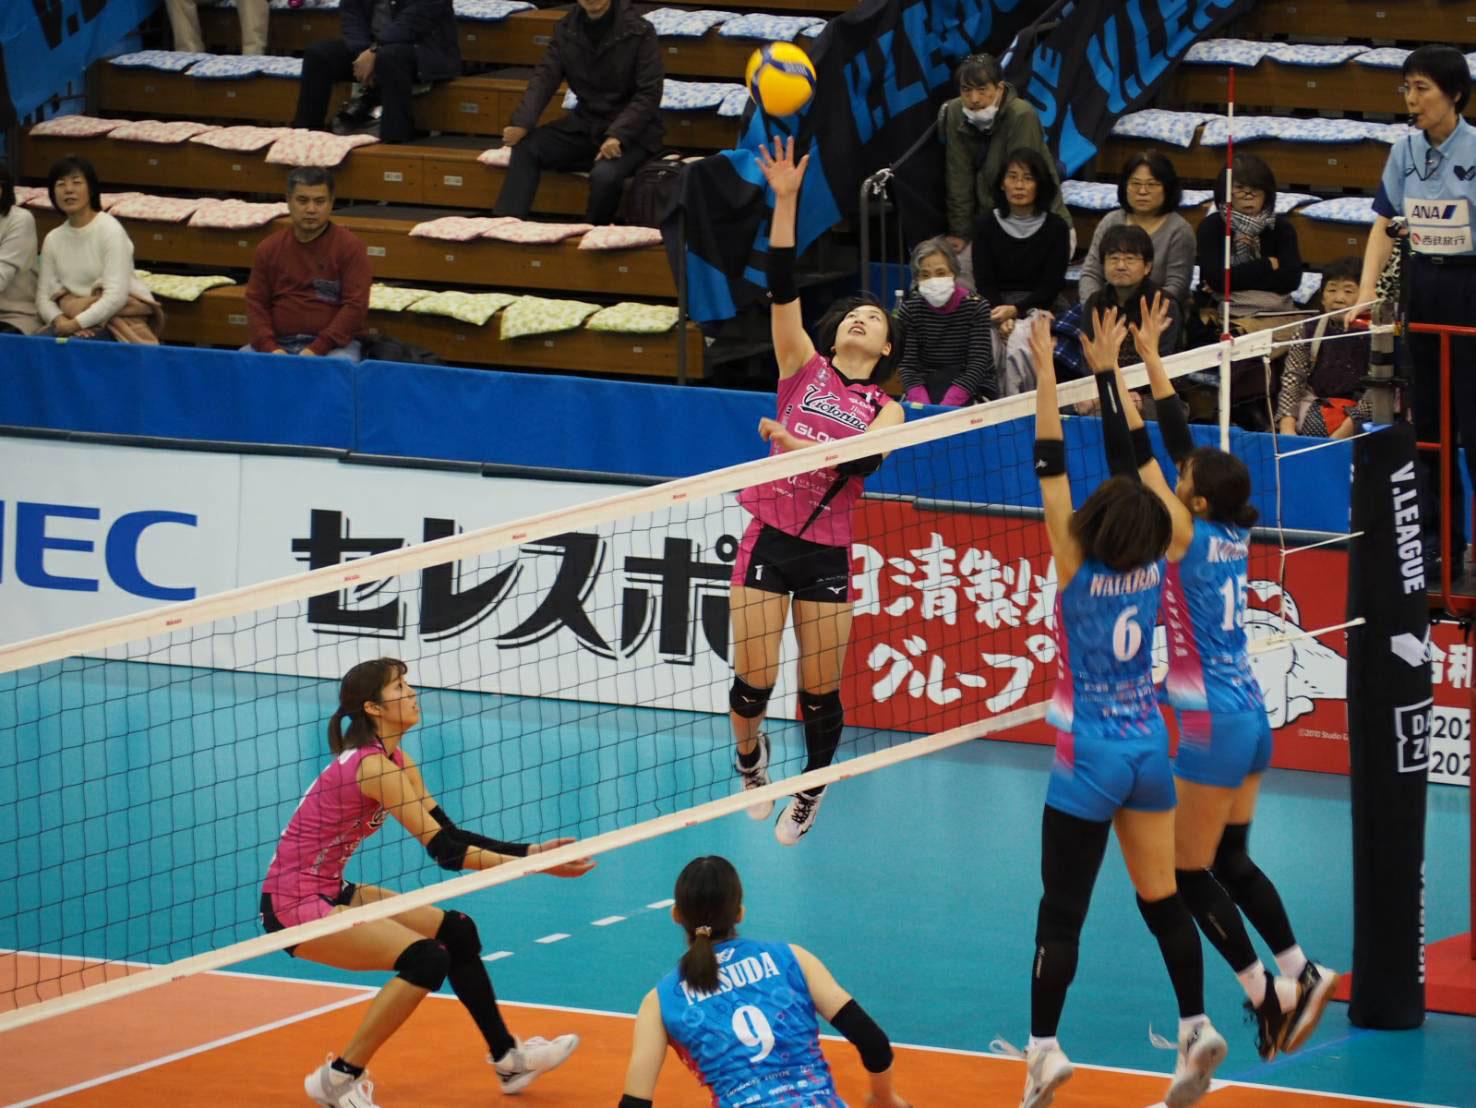 2019.12.07 加古川市総合体育館 vsKUROBE